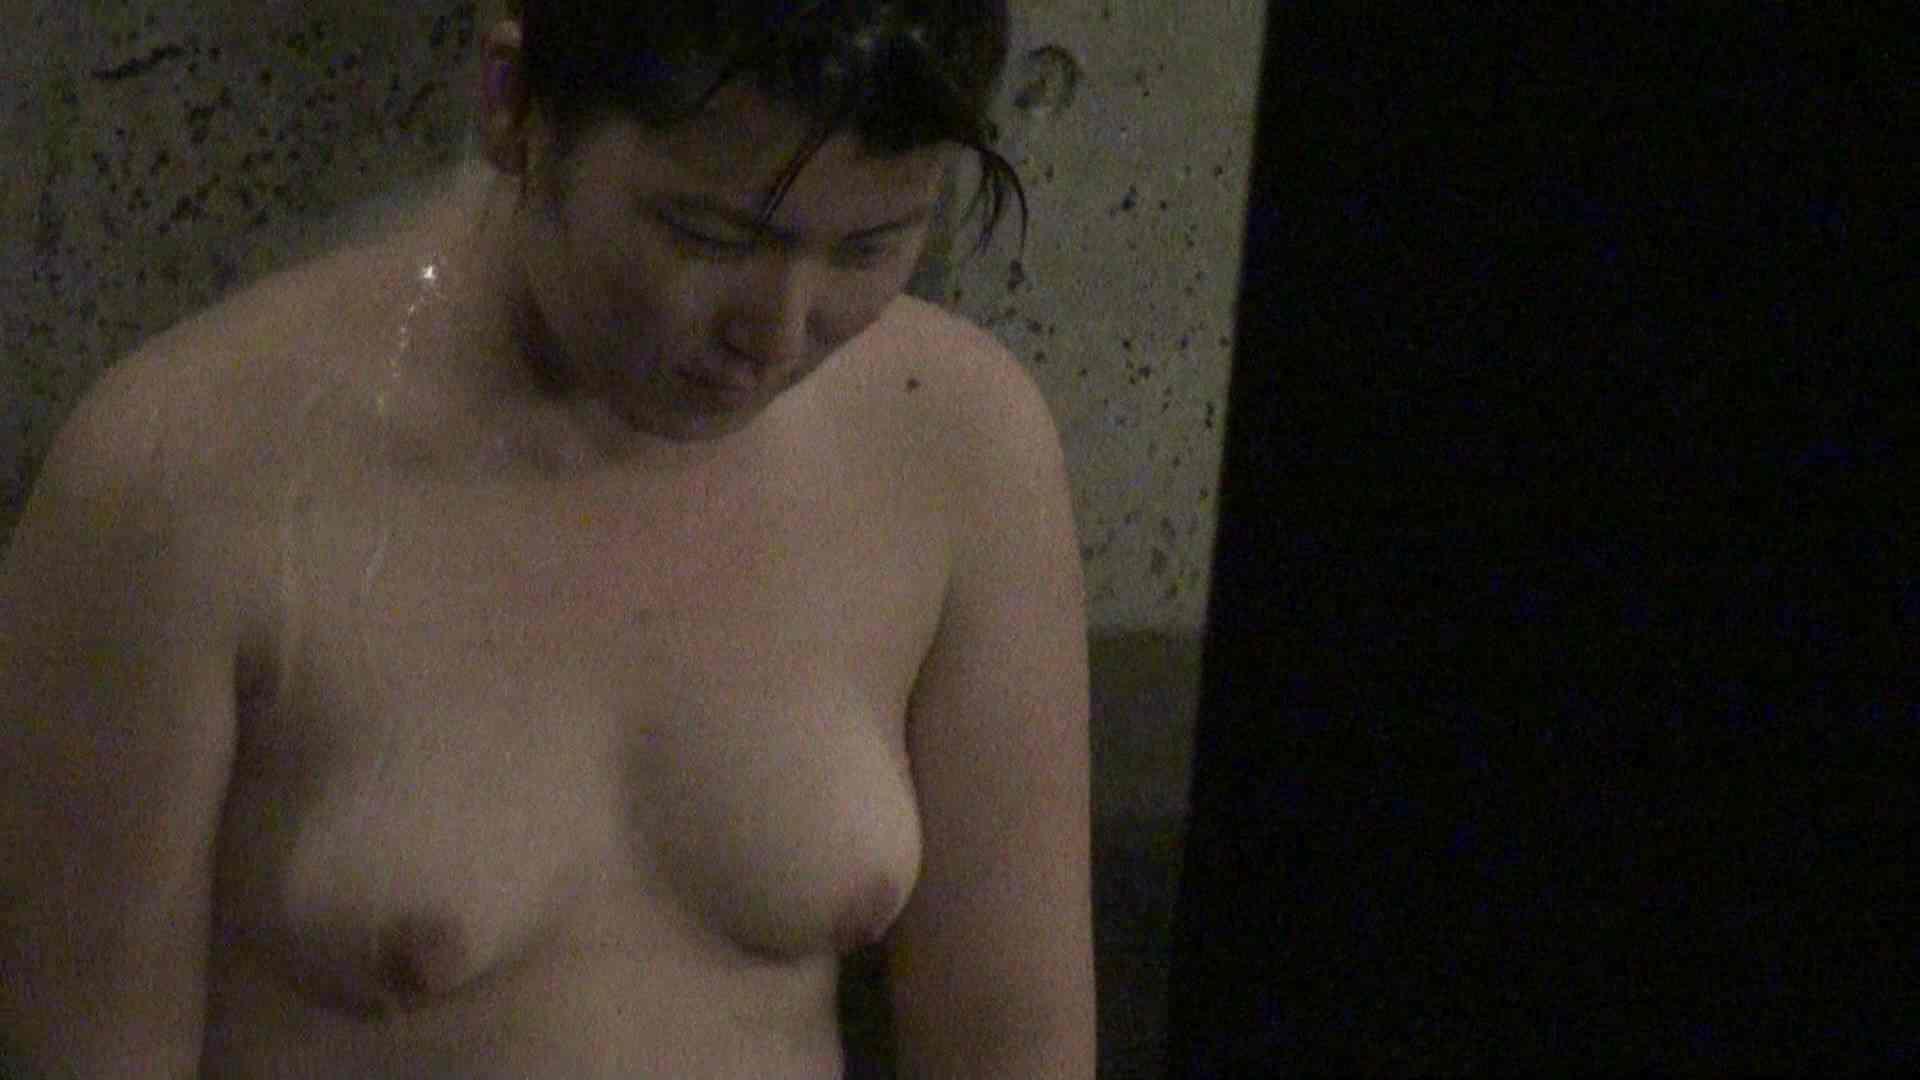 Aquaな露天風呂Vol.334 美しいOLの裸体 | 盗撮師作品  102pic 52